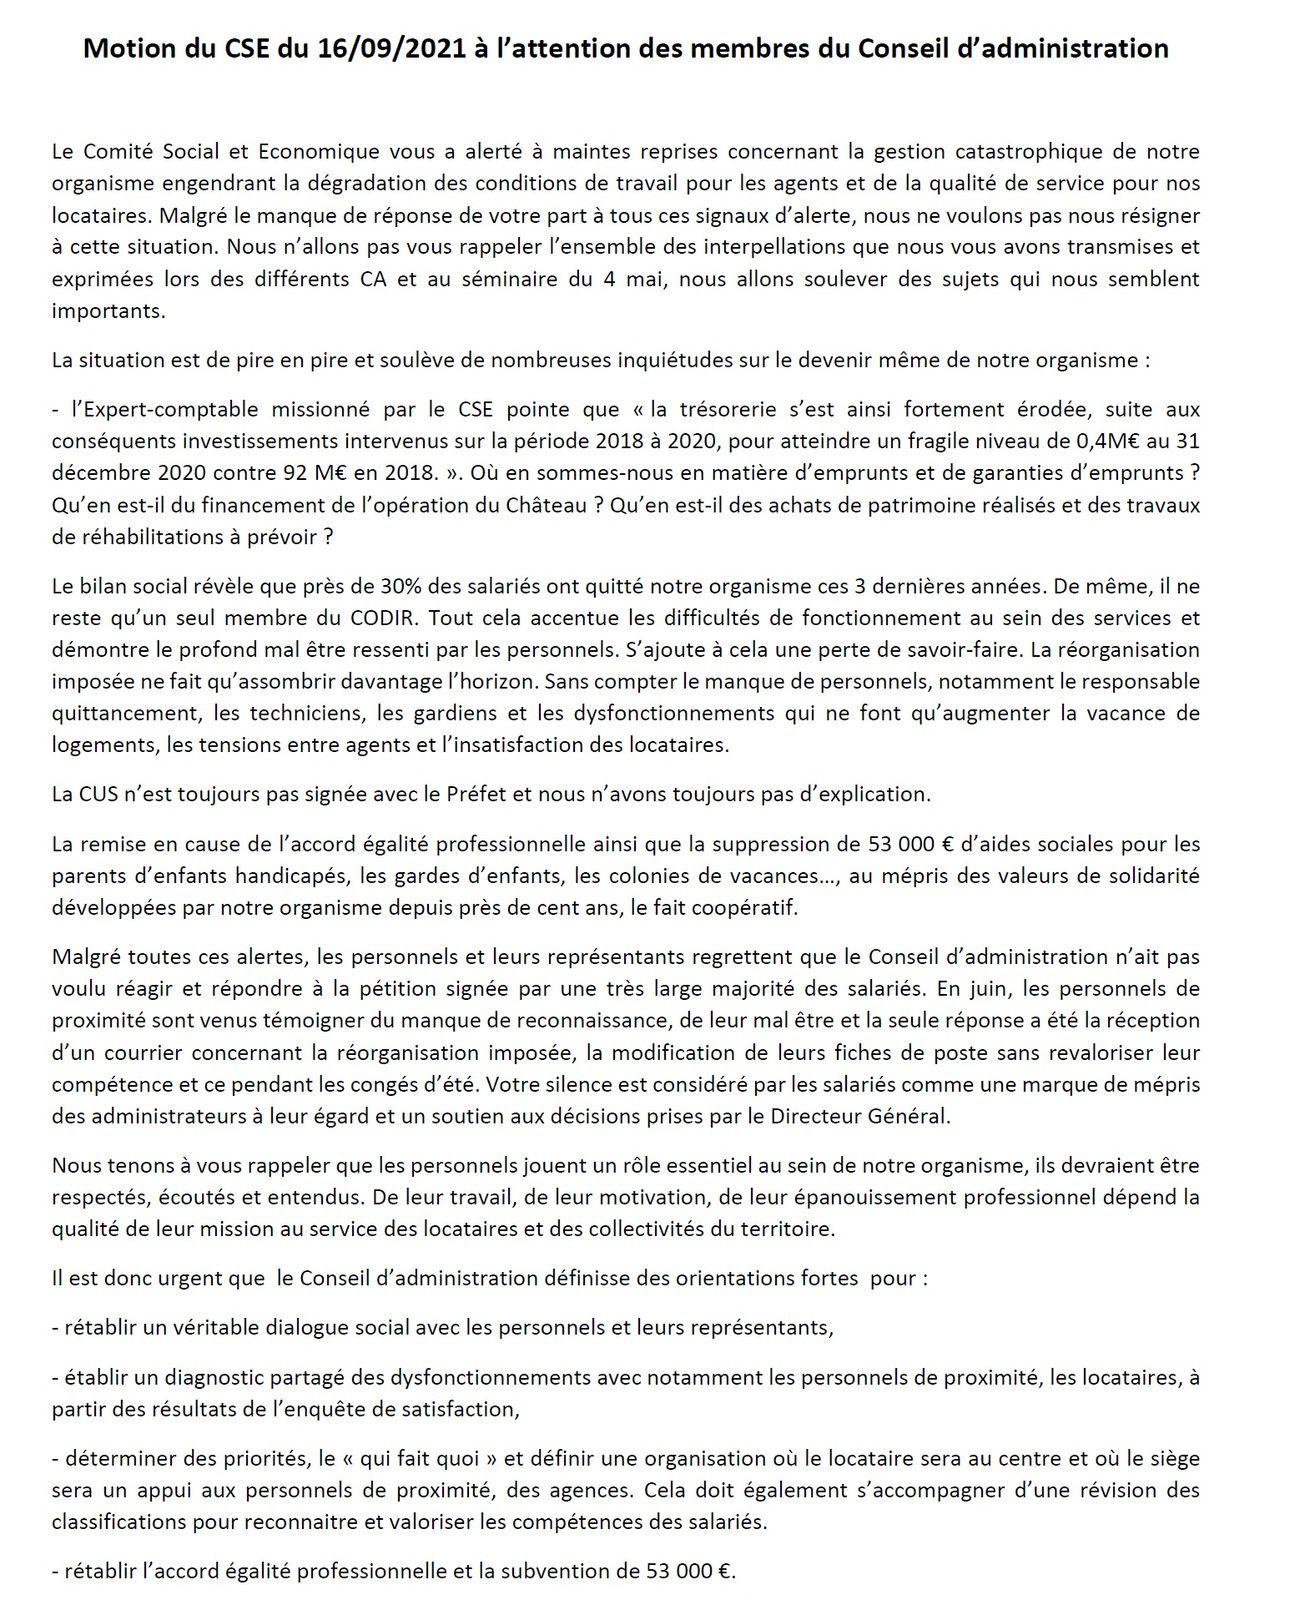 Motion du CSE aux administrateur d'AB Habitat pour stopper la dégradation de la qualité de service et des conditions de travail des conditions de travail